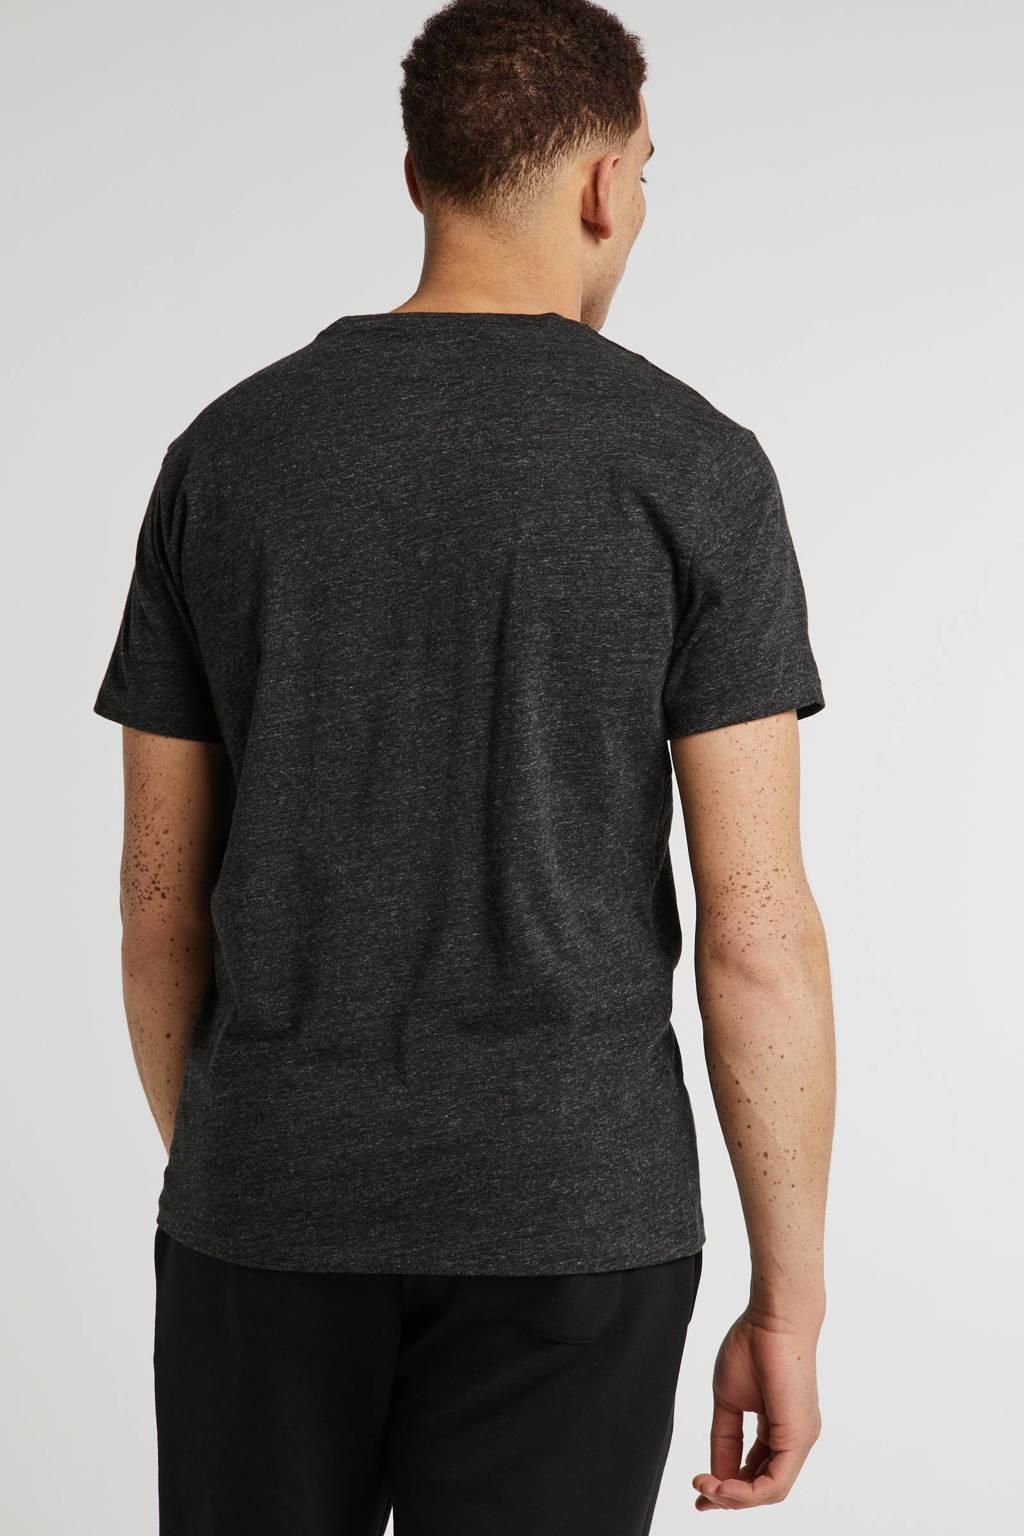 POLO Ralph Lauren T-shirt zwart, Zwart